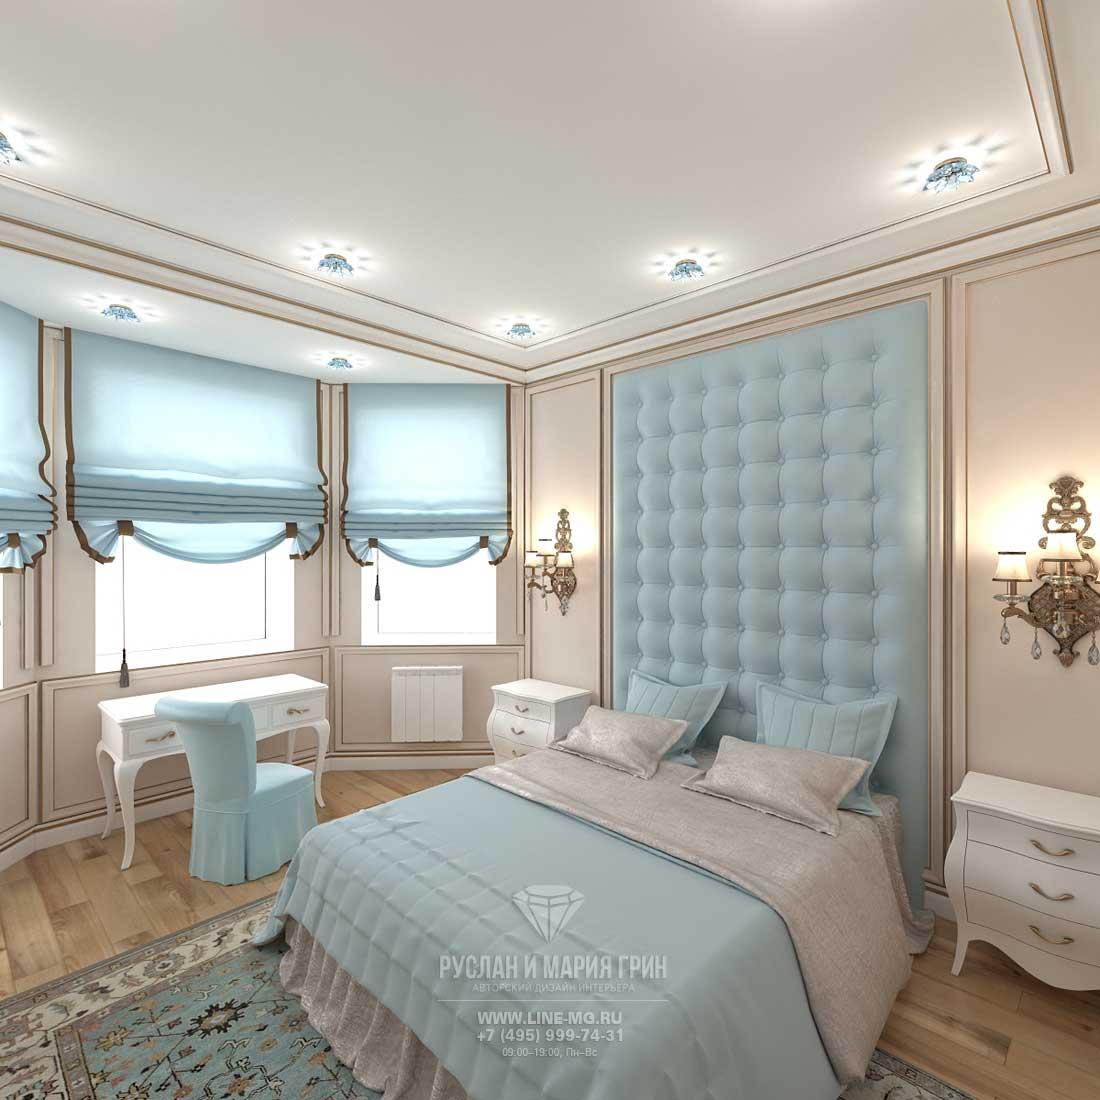 Дизайн гостевой комнаты в загородном доме. Фото 2016